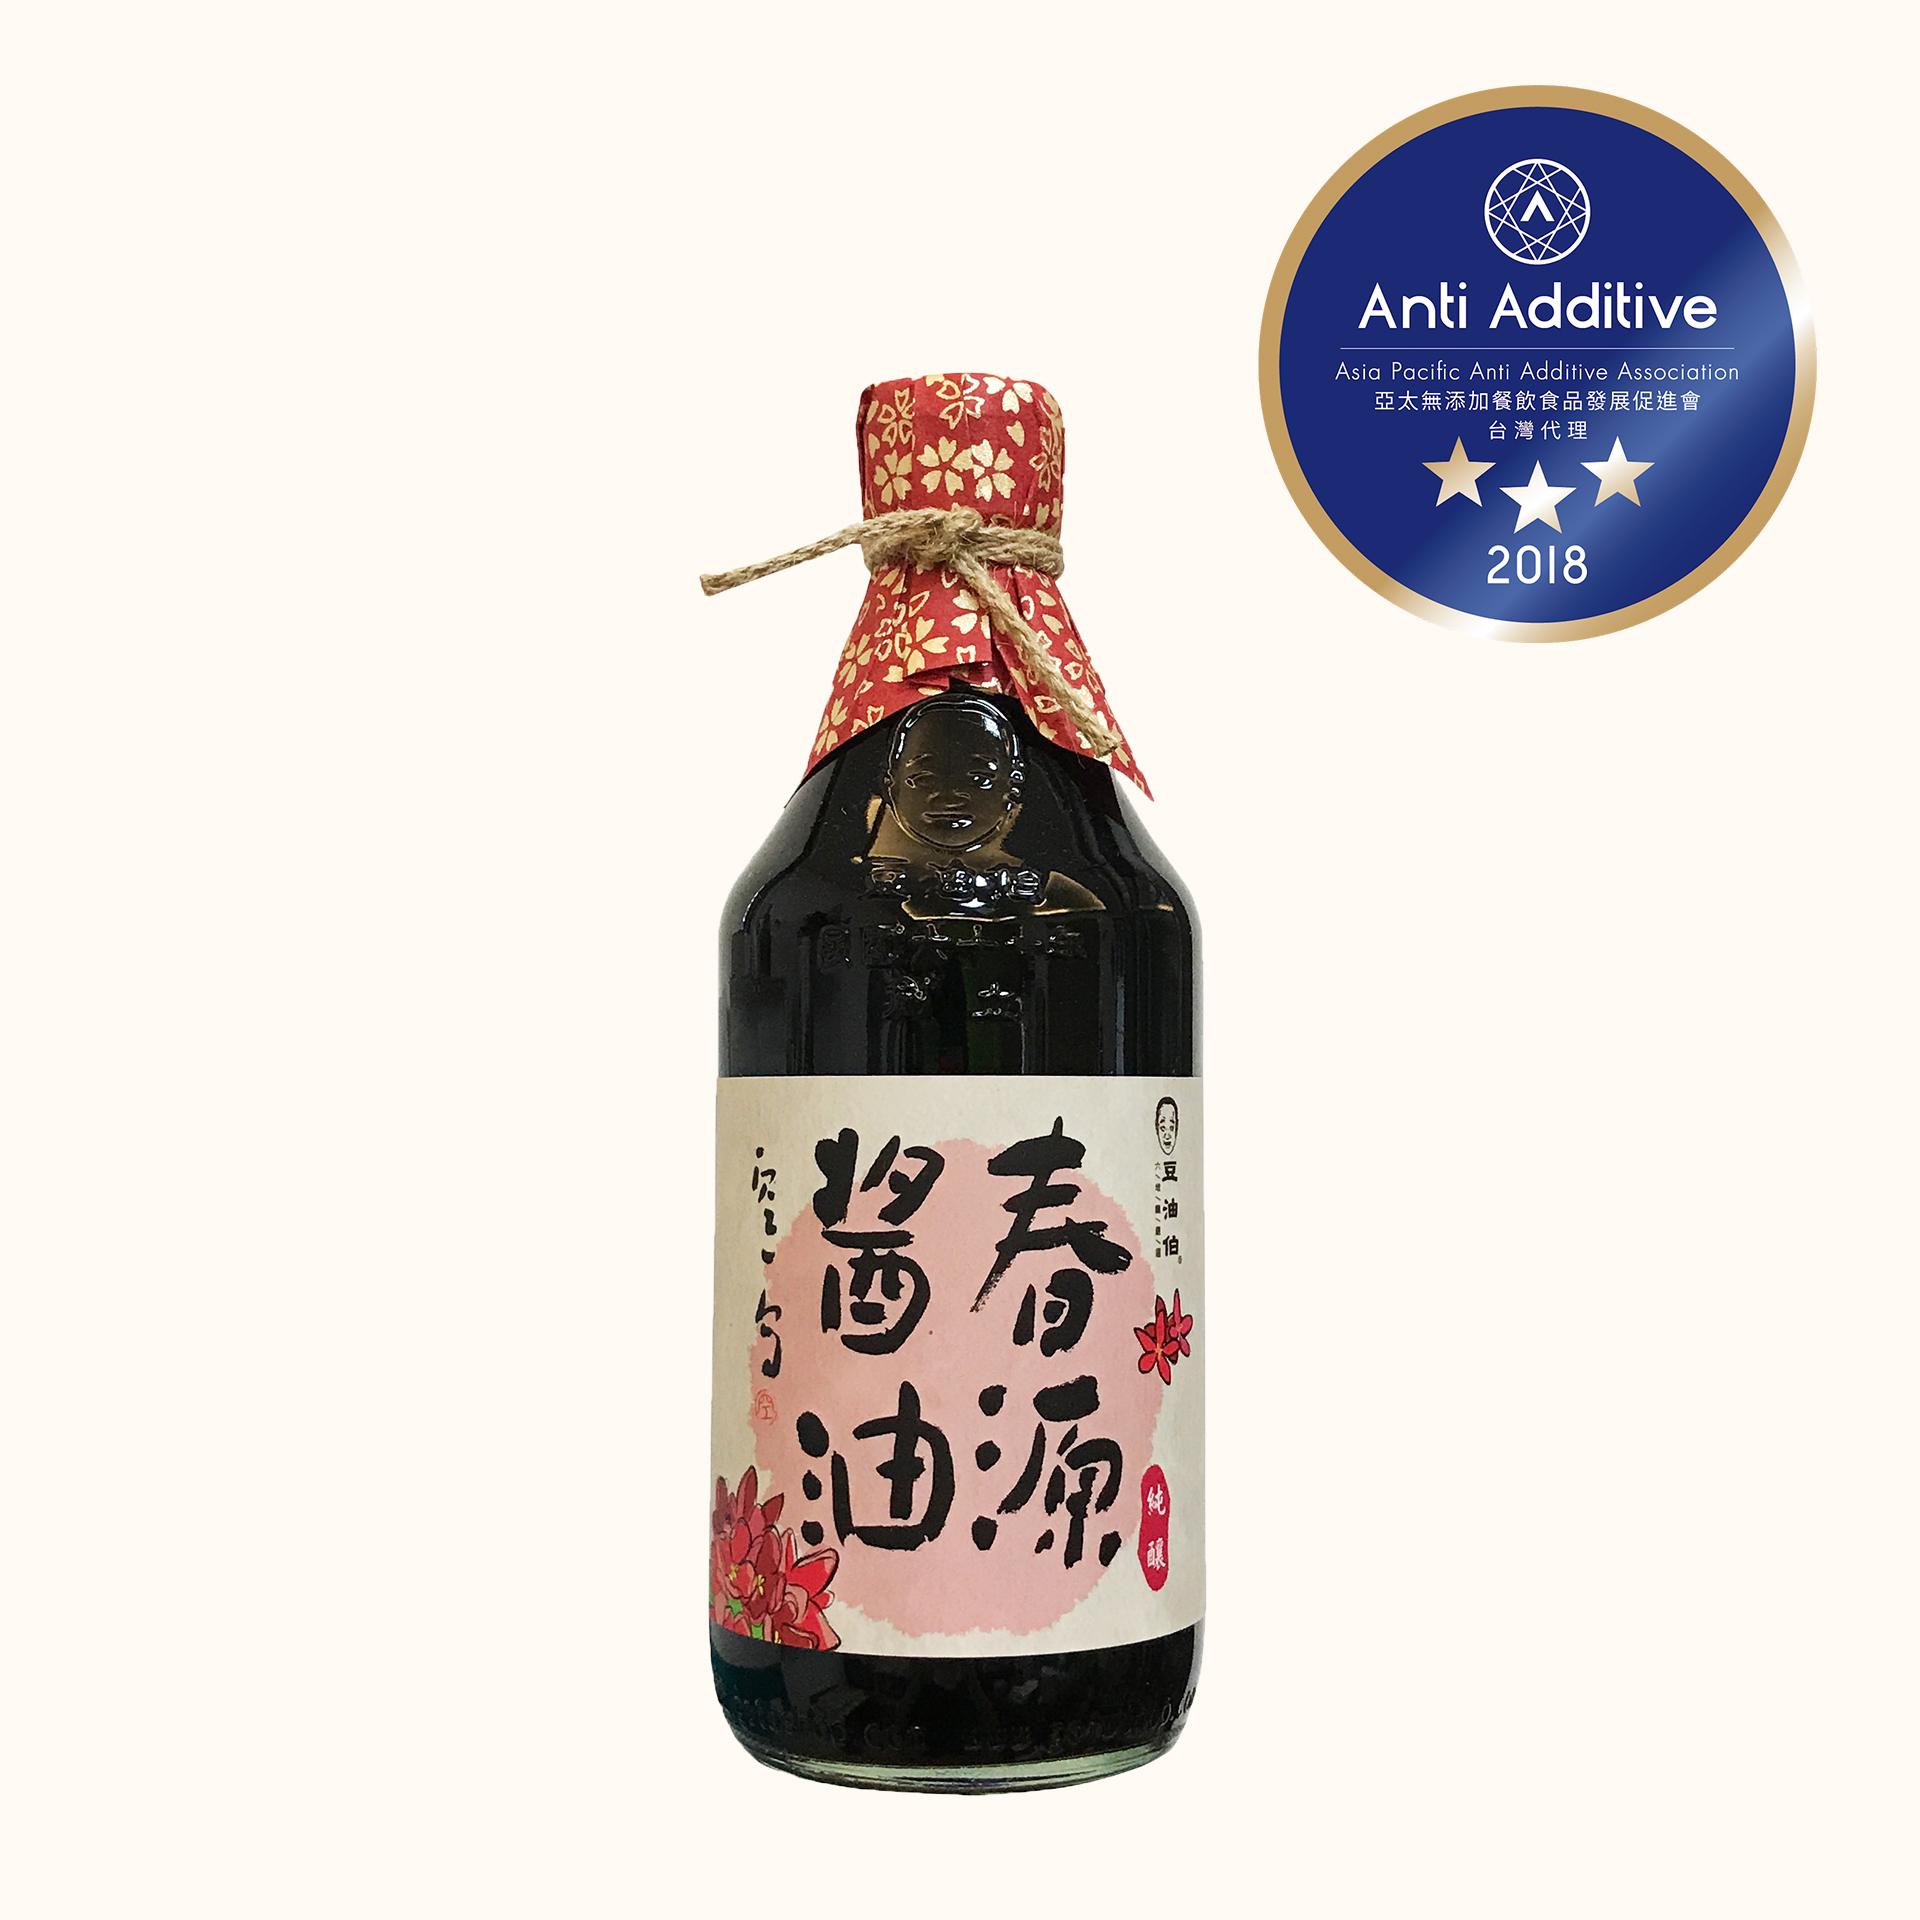 【點我加購88up】金美好醬油2入+春源醬油2入(共4入)送200ml甘田醬油1入